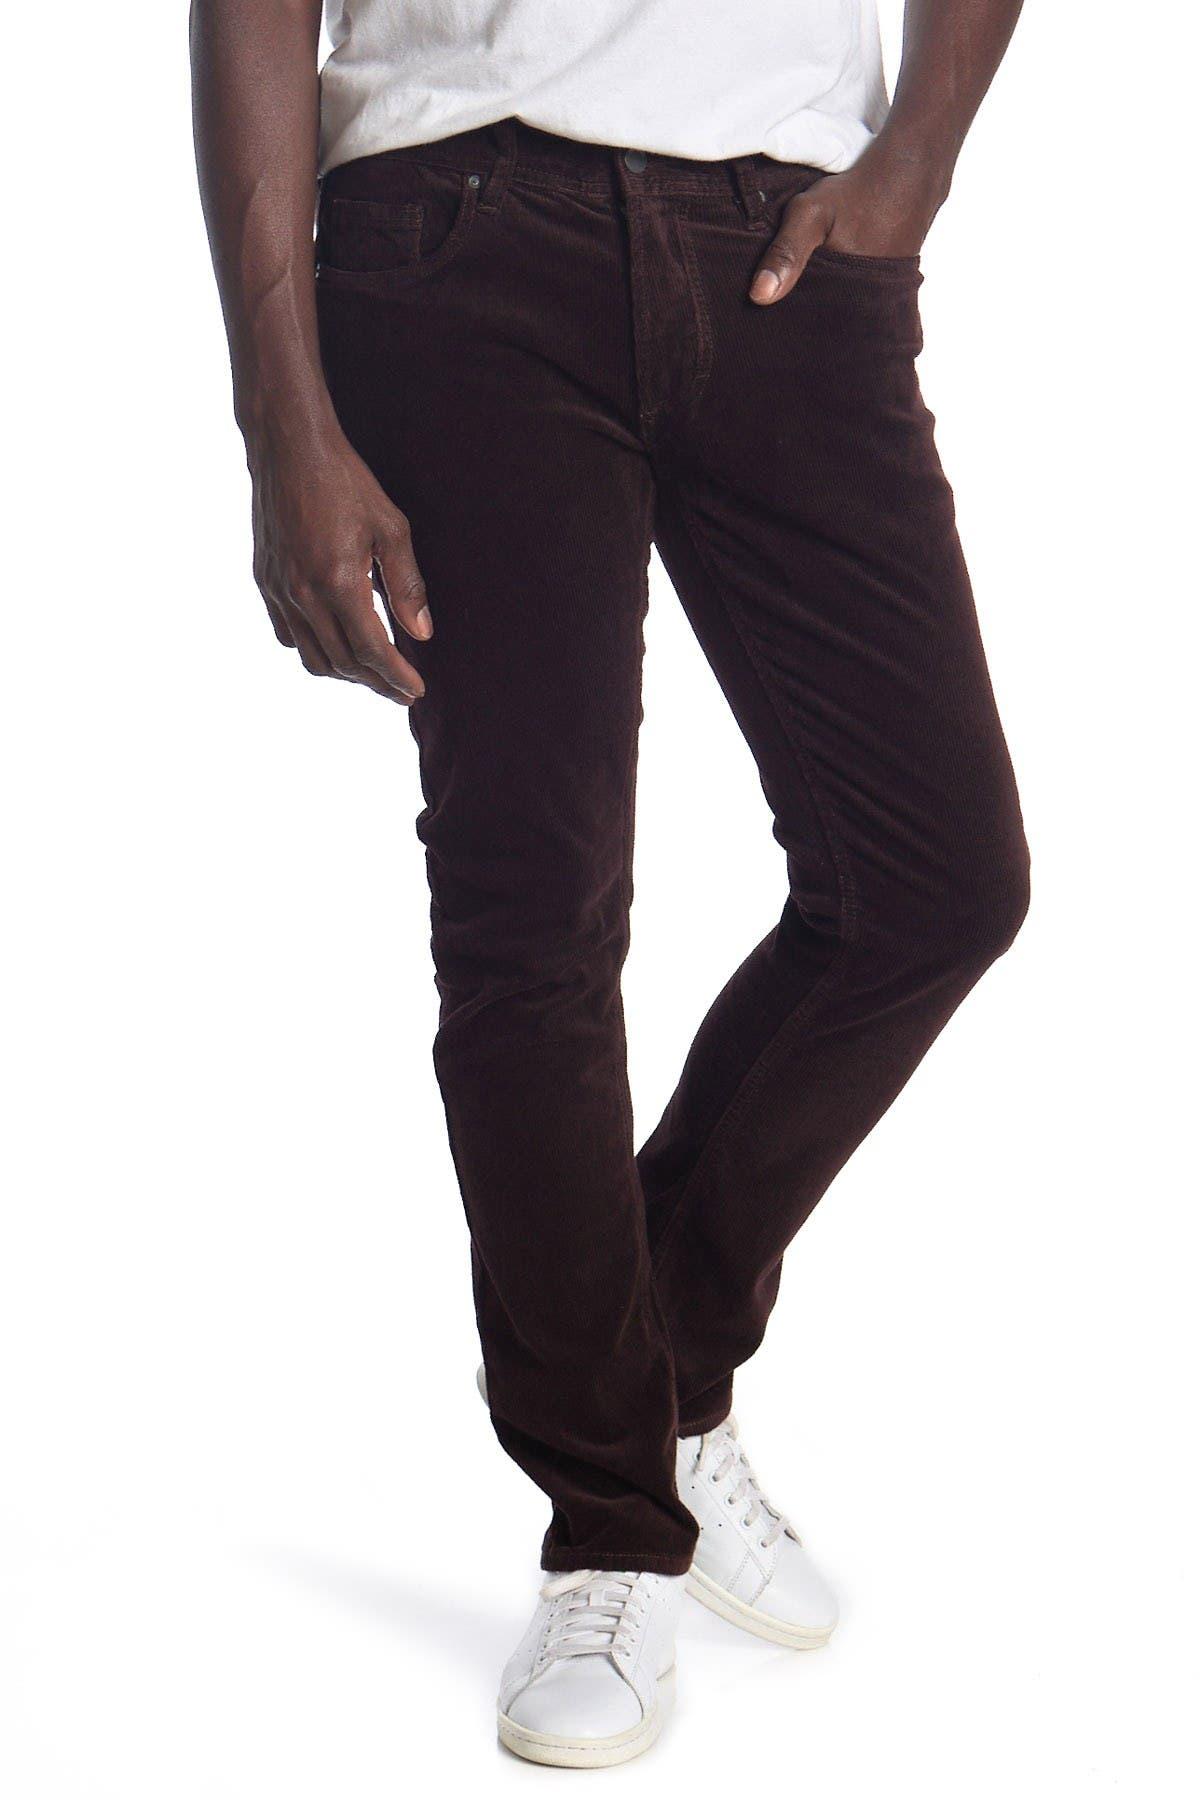 Image of BLANKNYC Denim Wooster Slim Corduroy Pants